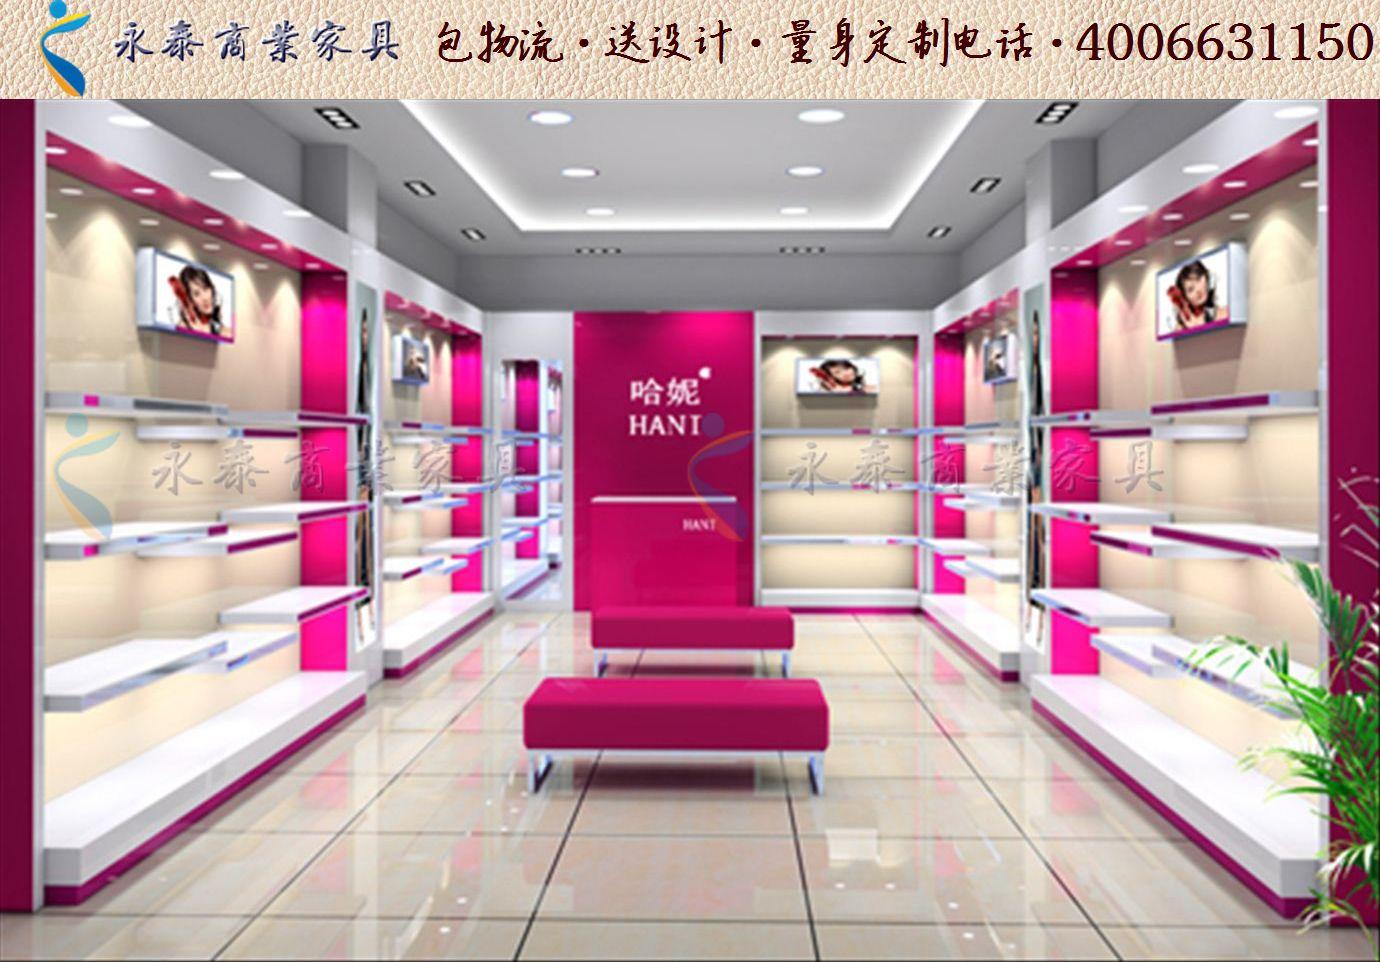 个性鞋店装修效果图大全时尚女鞋店装修货架展示柜1210